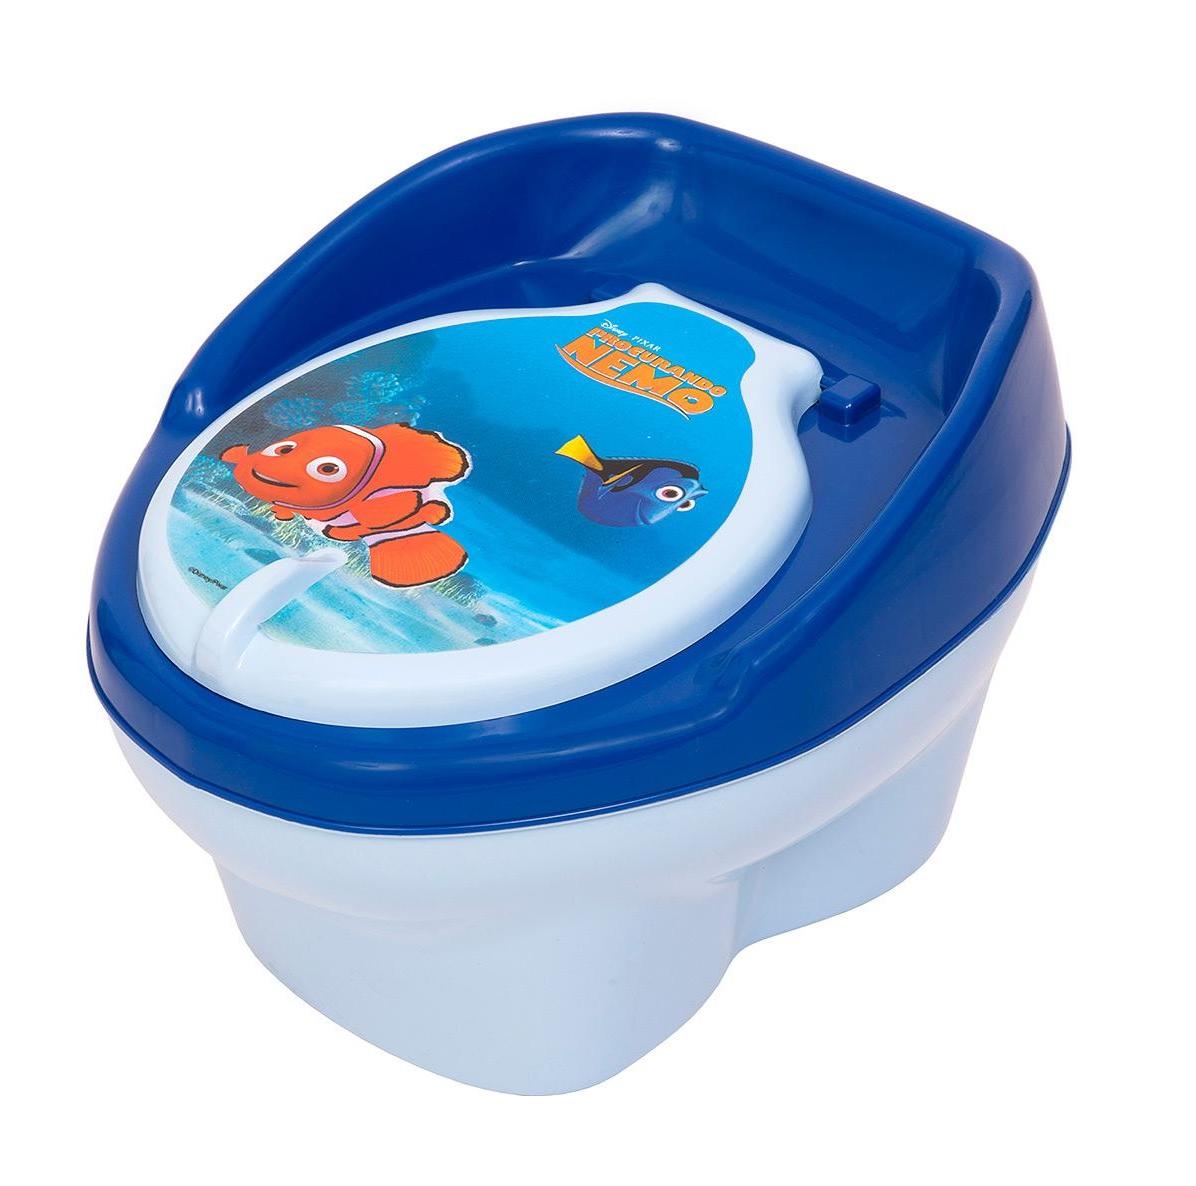 Troninho Infantil Penico Para Bebê 2 Em 1 Nemo Disney